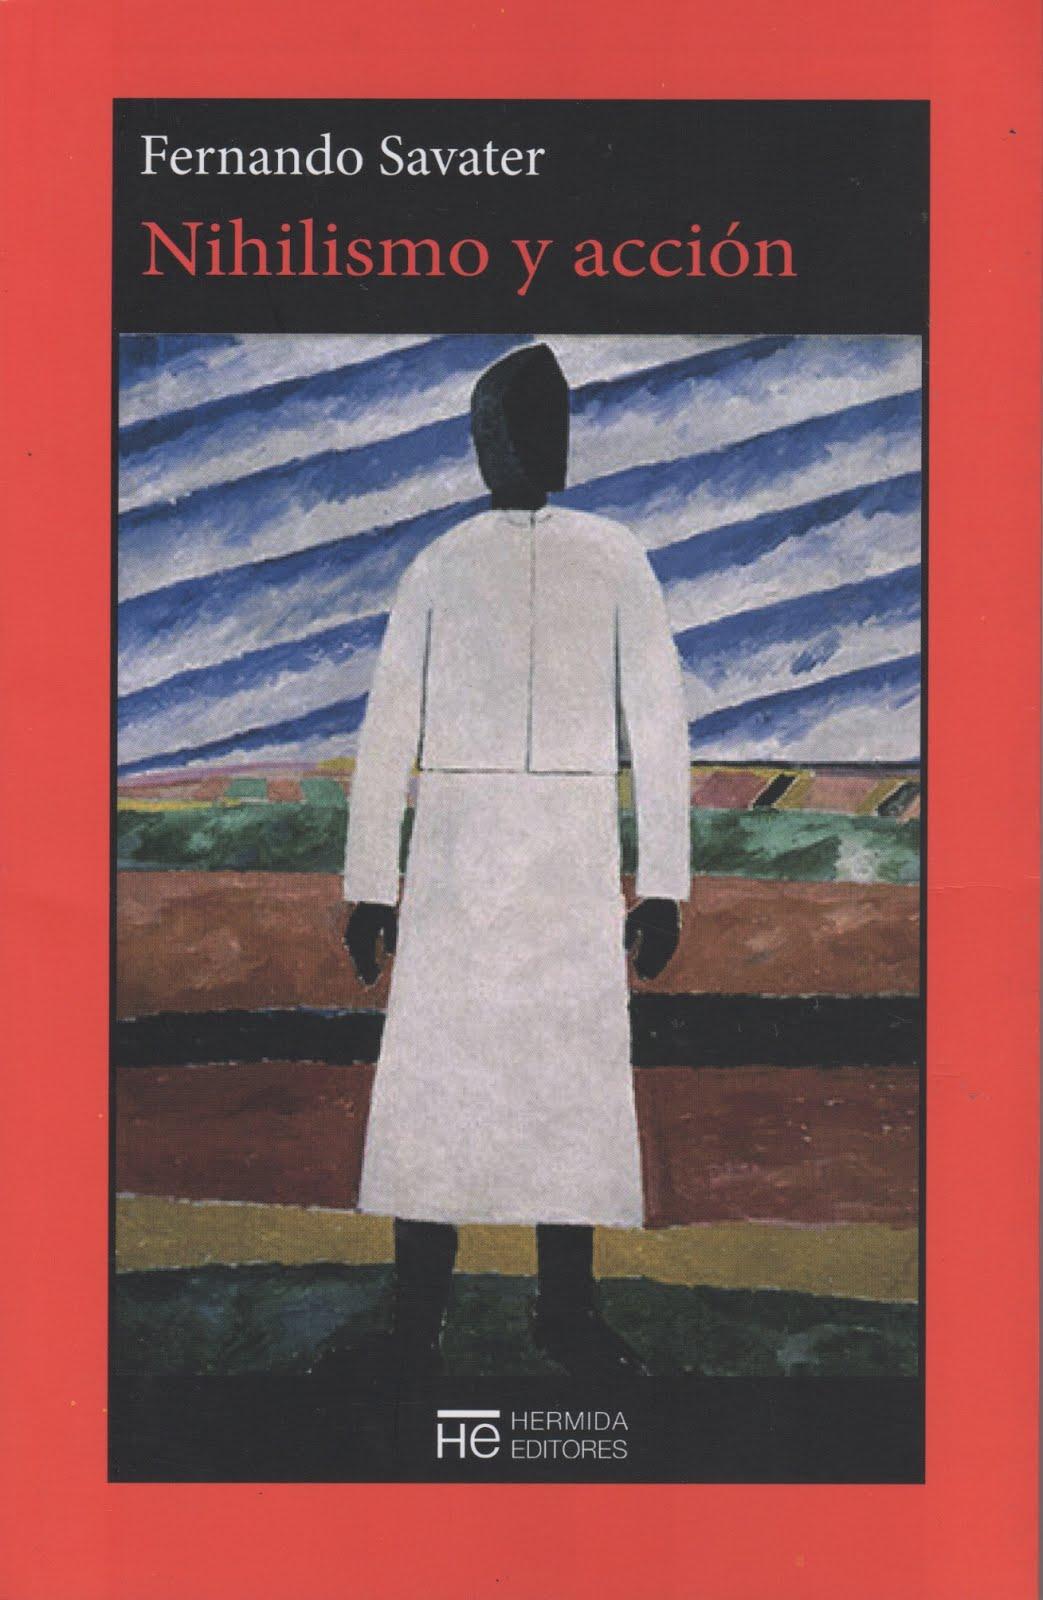 Fernando Savater (Nihilismo y acción)